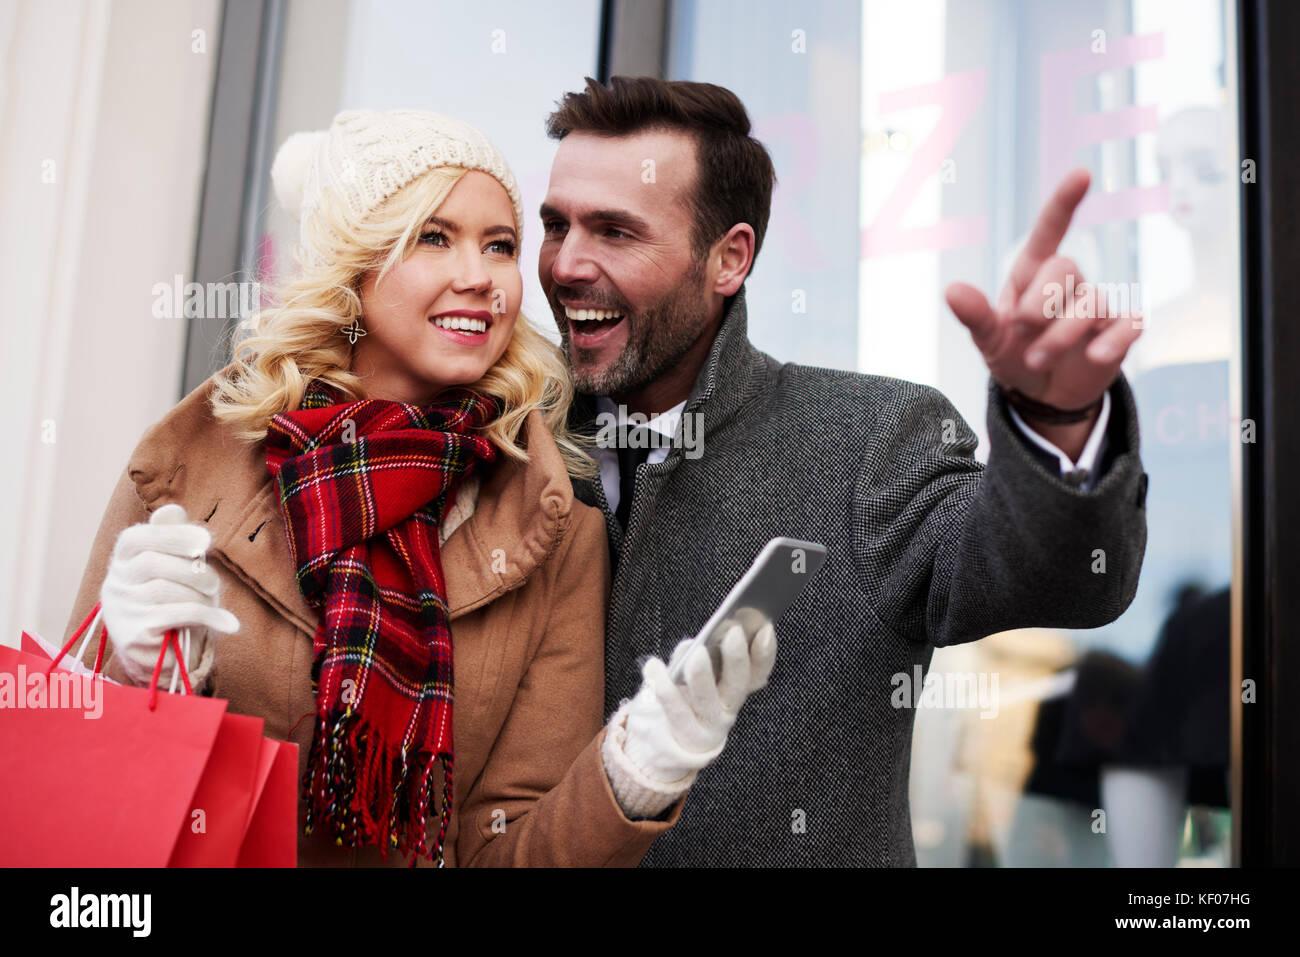 Hüften an aufwärts von Erwachsenen Paar in der Stadt Stockbild